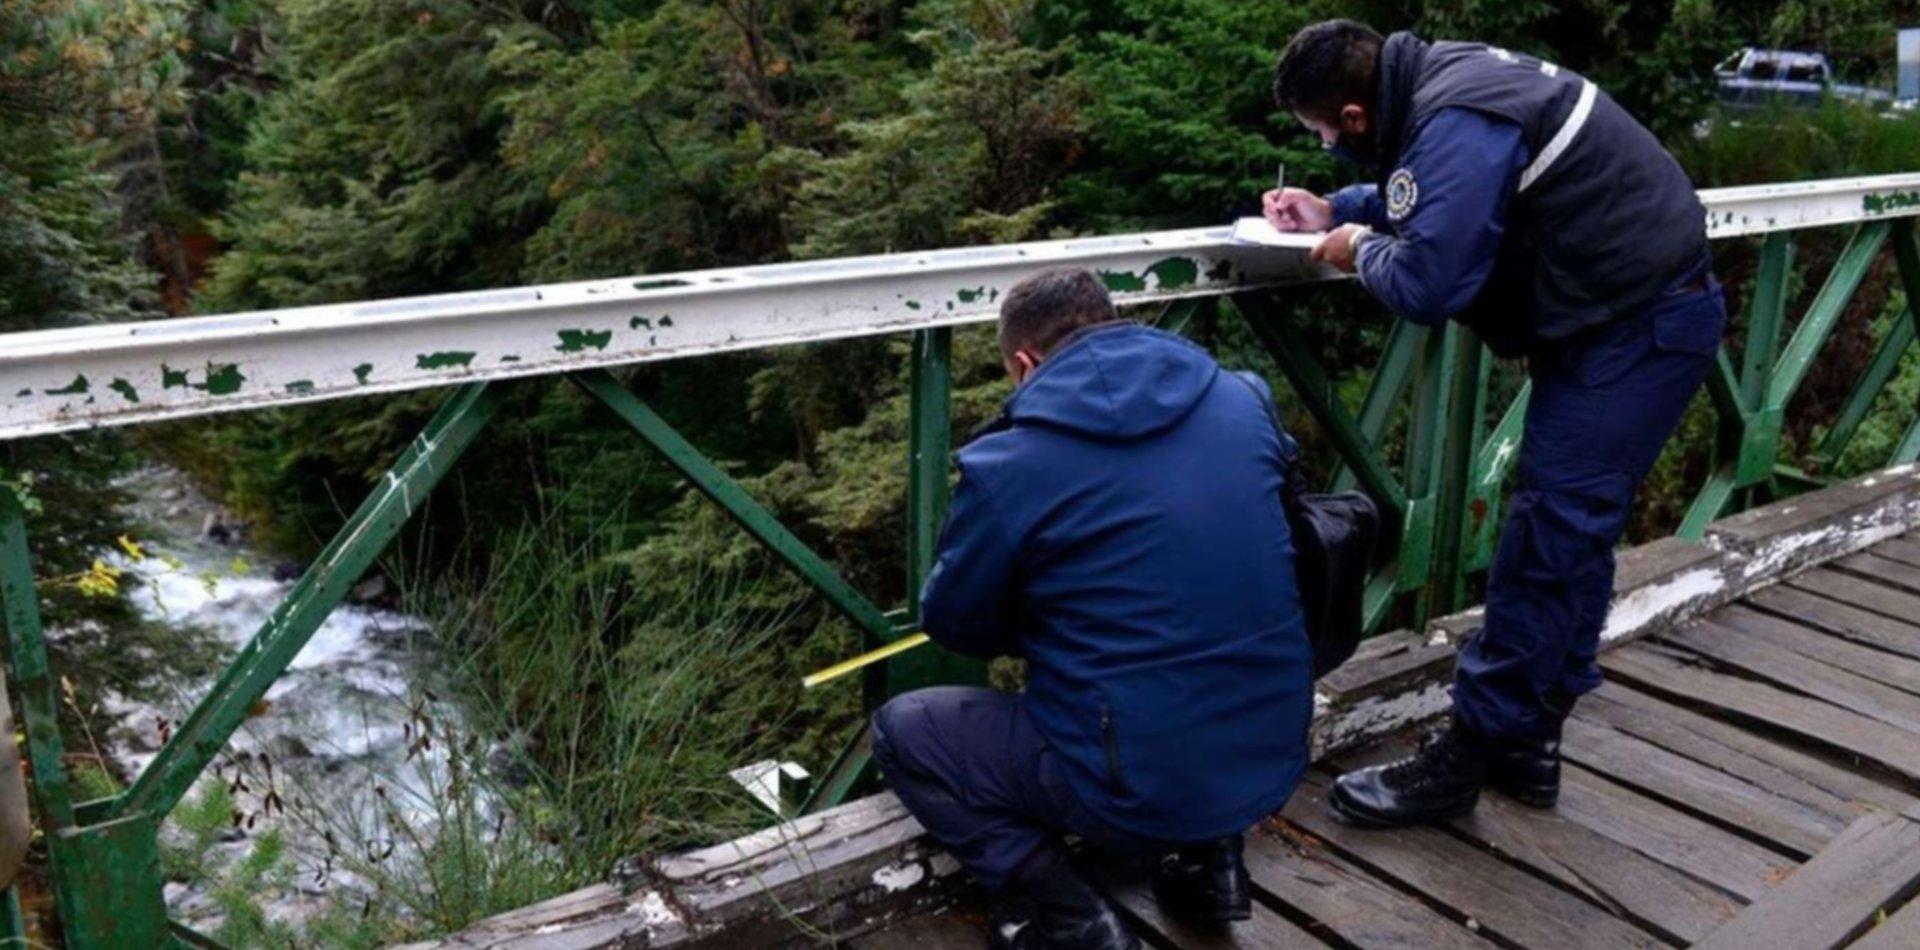 Murió una joven tras caer del mismo puente en el que falleció una turista de La Plata